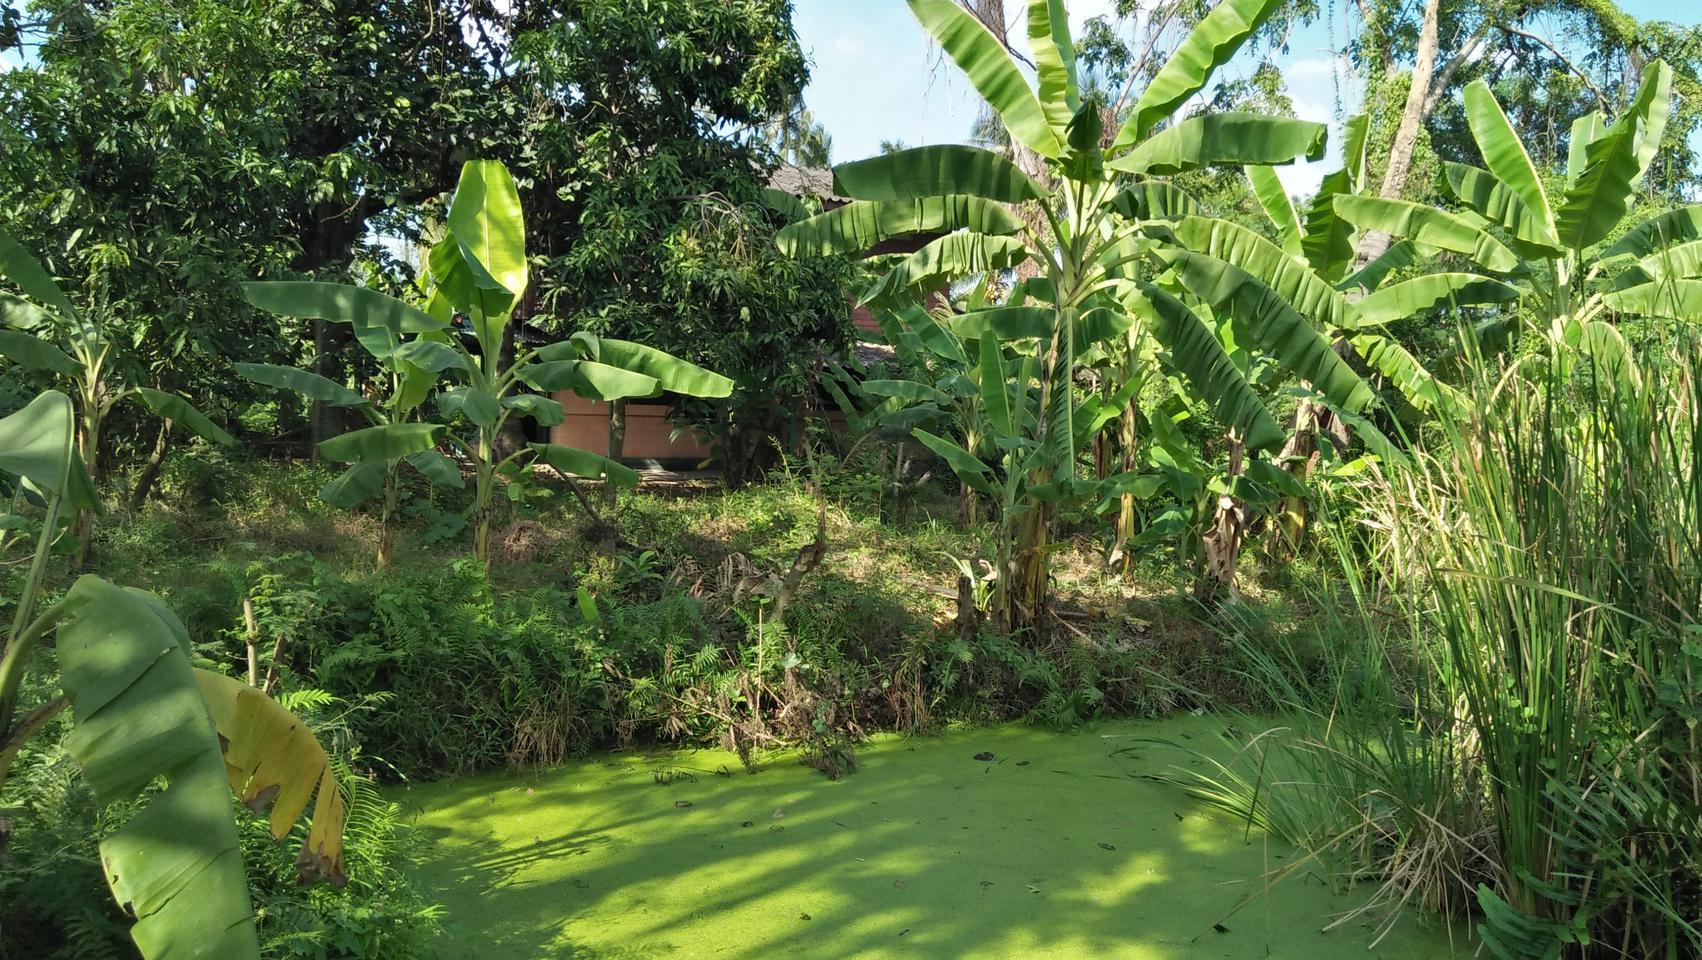 ที่ดินพร้อมบ้านเล็กๆสวนไร่กว่าใกล้แหล่งน้ำและเงียบสงบ ชานเมื รูปที่ 1